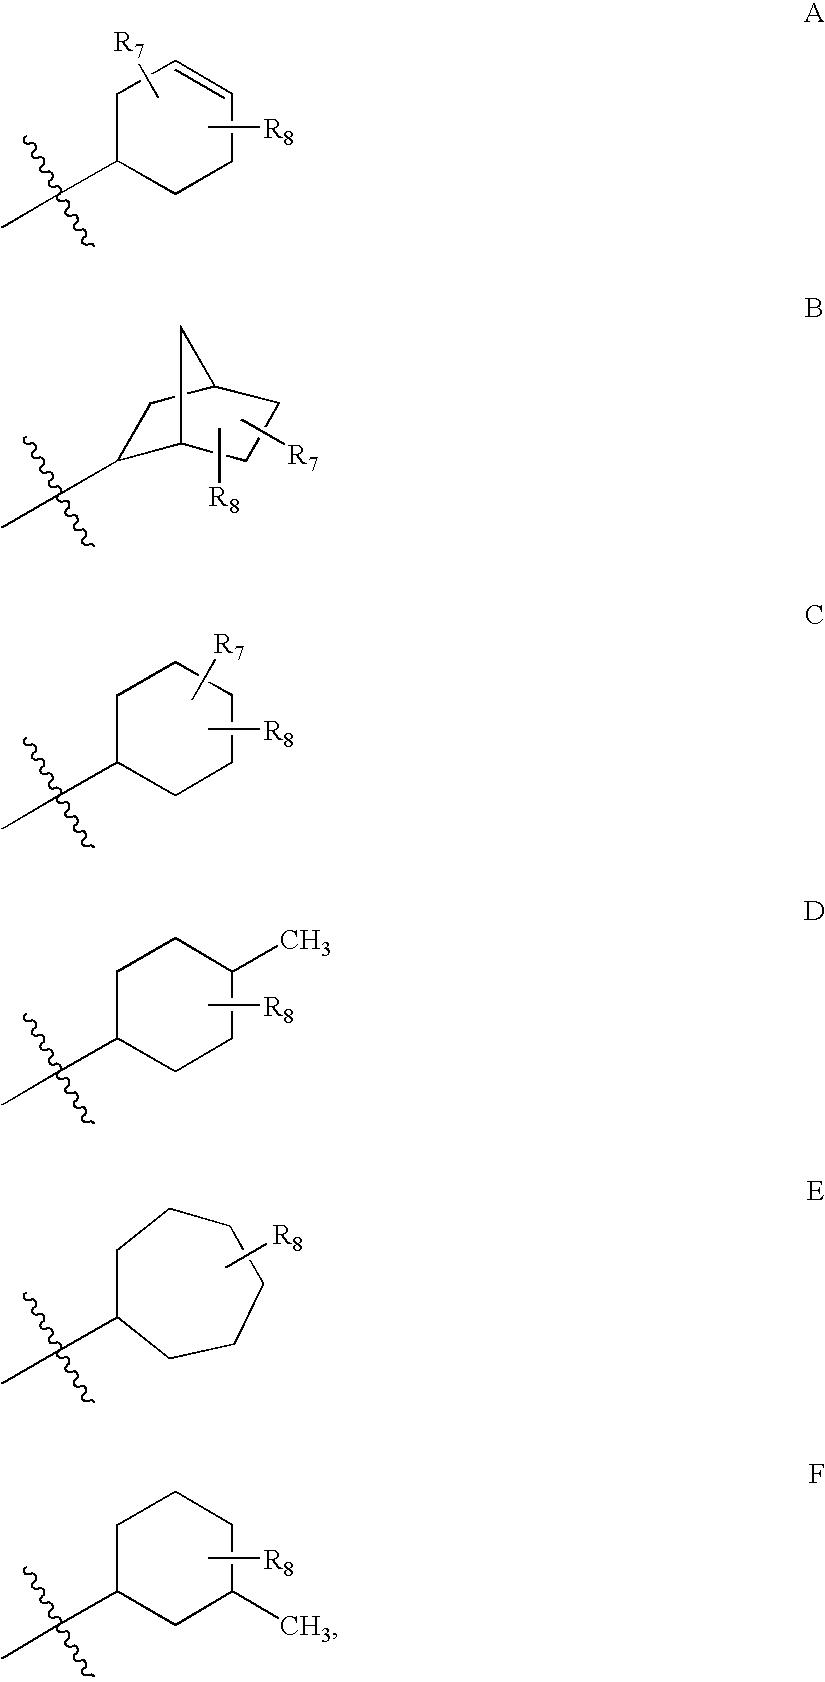 Figure US07803808-20100928-C00026